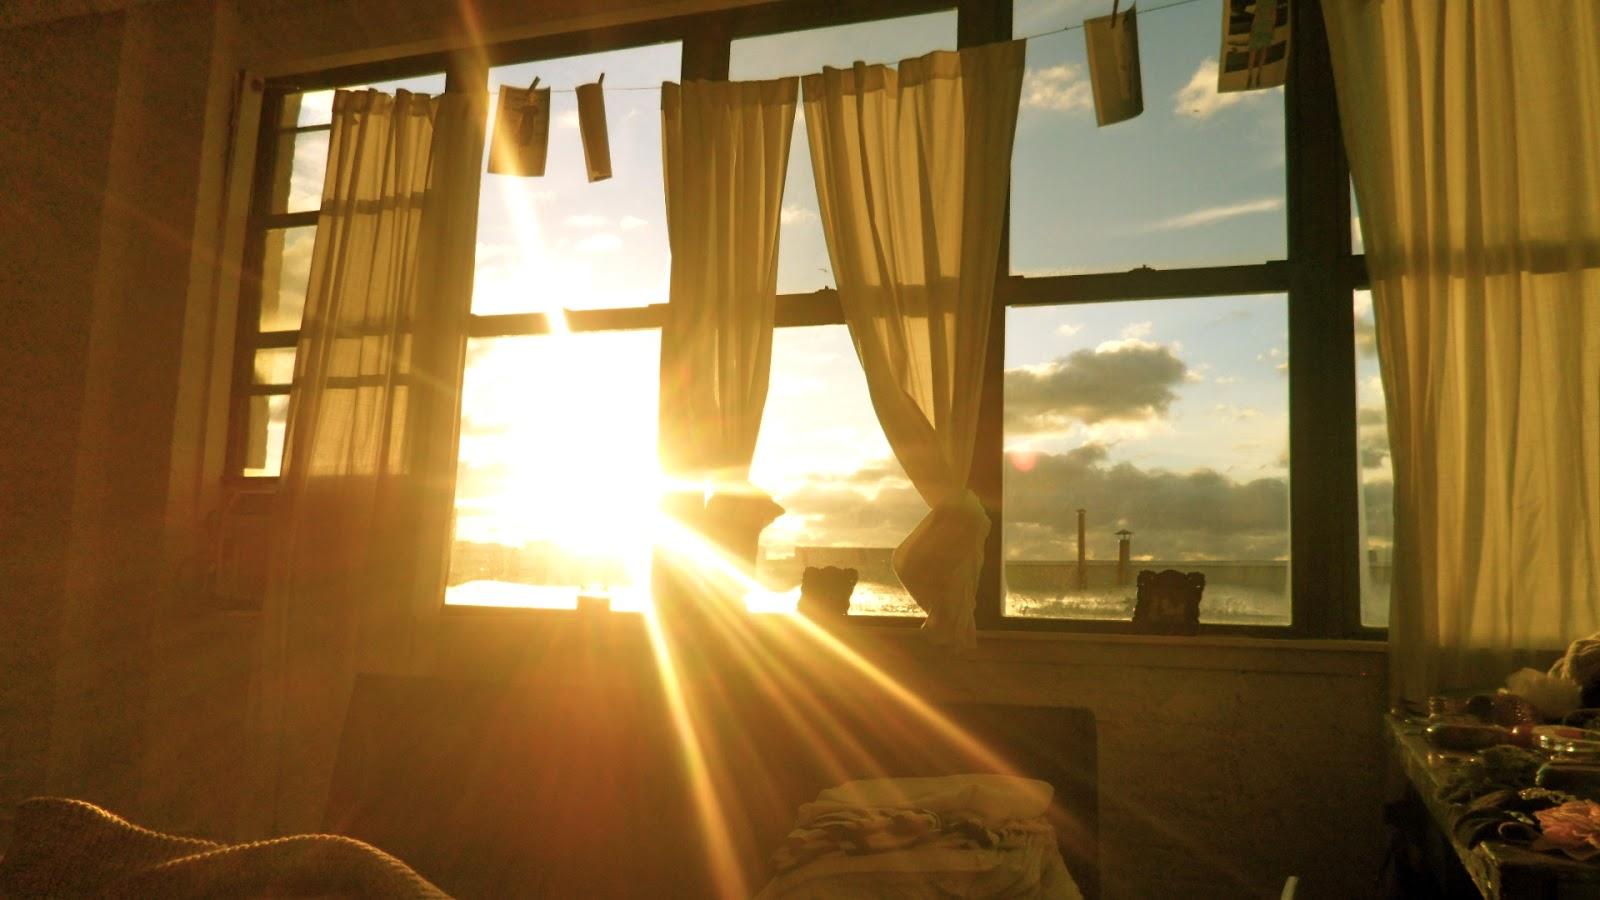 Resultado de imagem para luz do sol entrando na casa